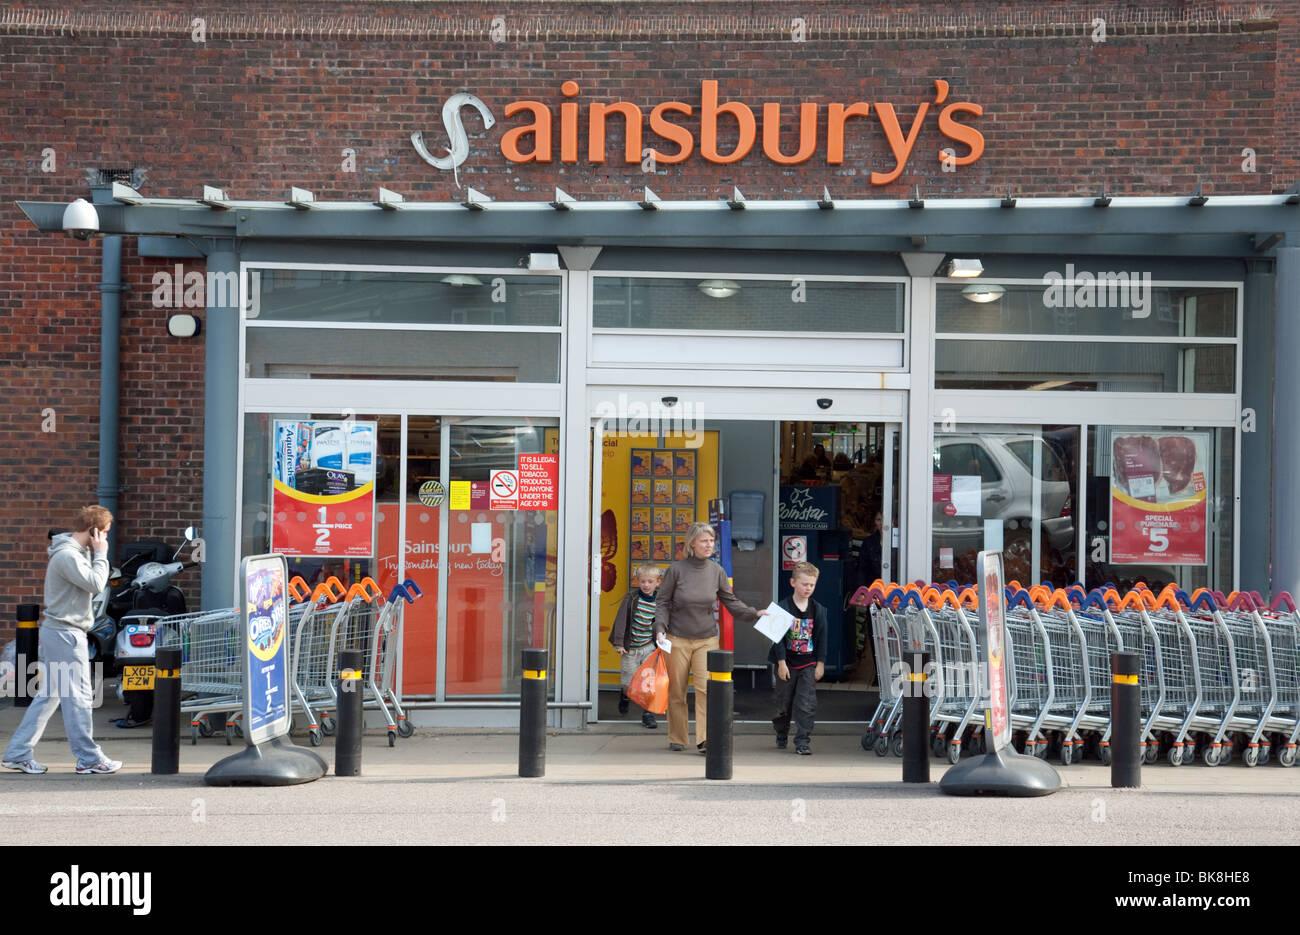 L'extérieur d'un magasin Shoppers Sainsburys avec un tesson de signer Photo Stock